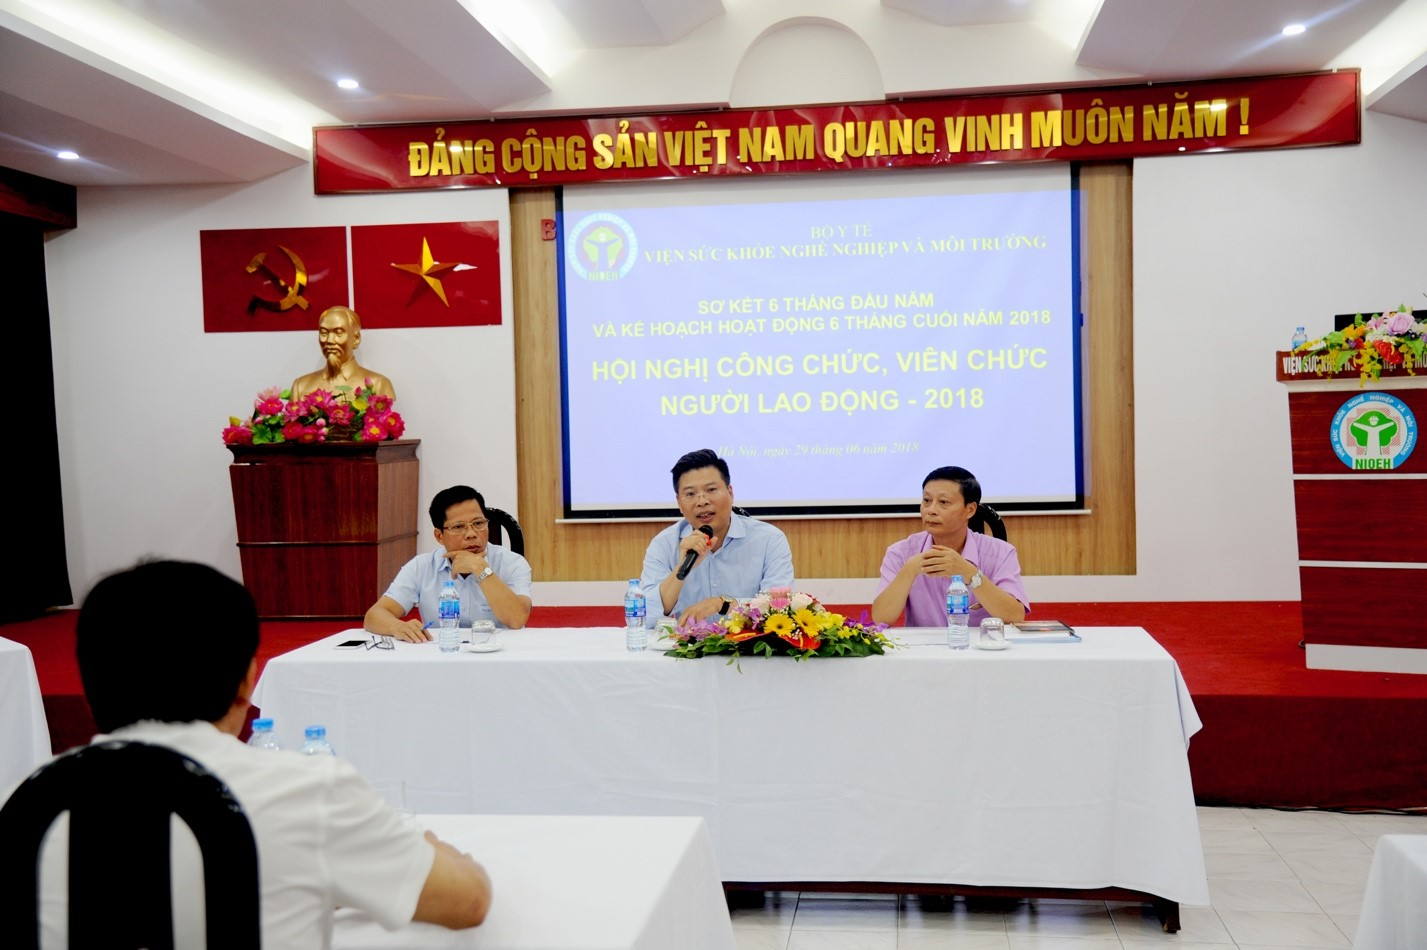 Hội nghị sơ kết 6 tháng đầu năm và Hội nghị công chức, viên chức, người lao động năm 2018